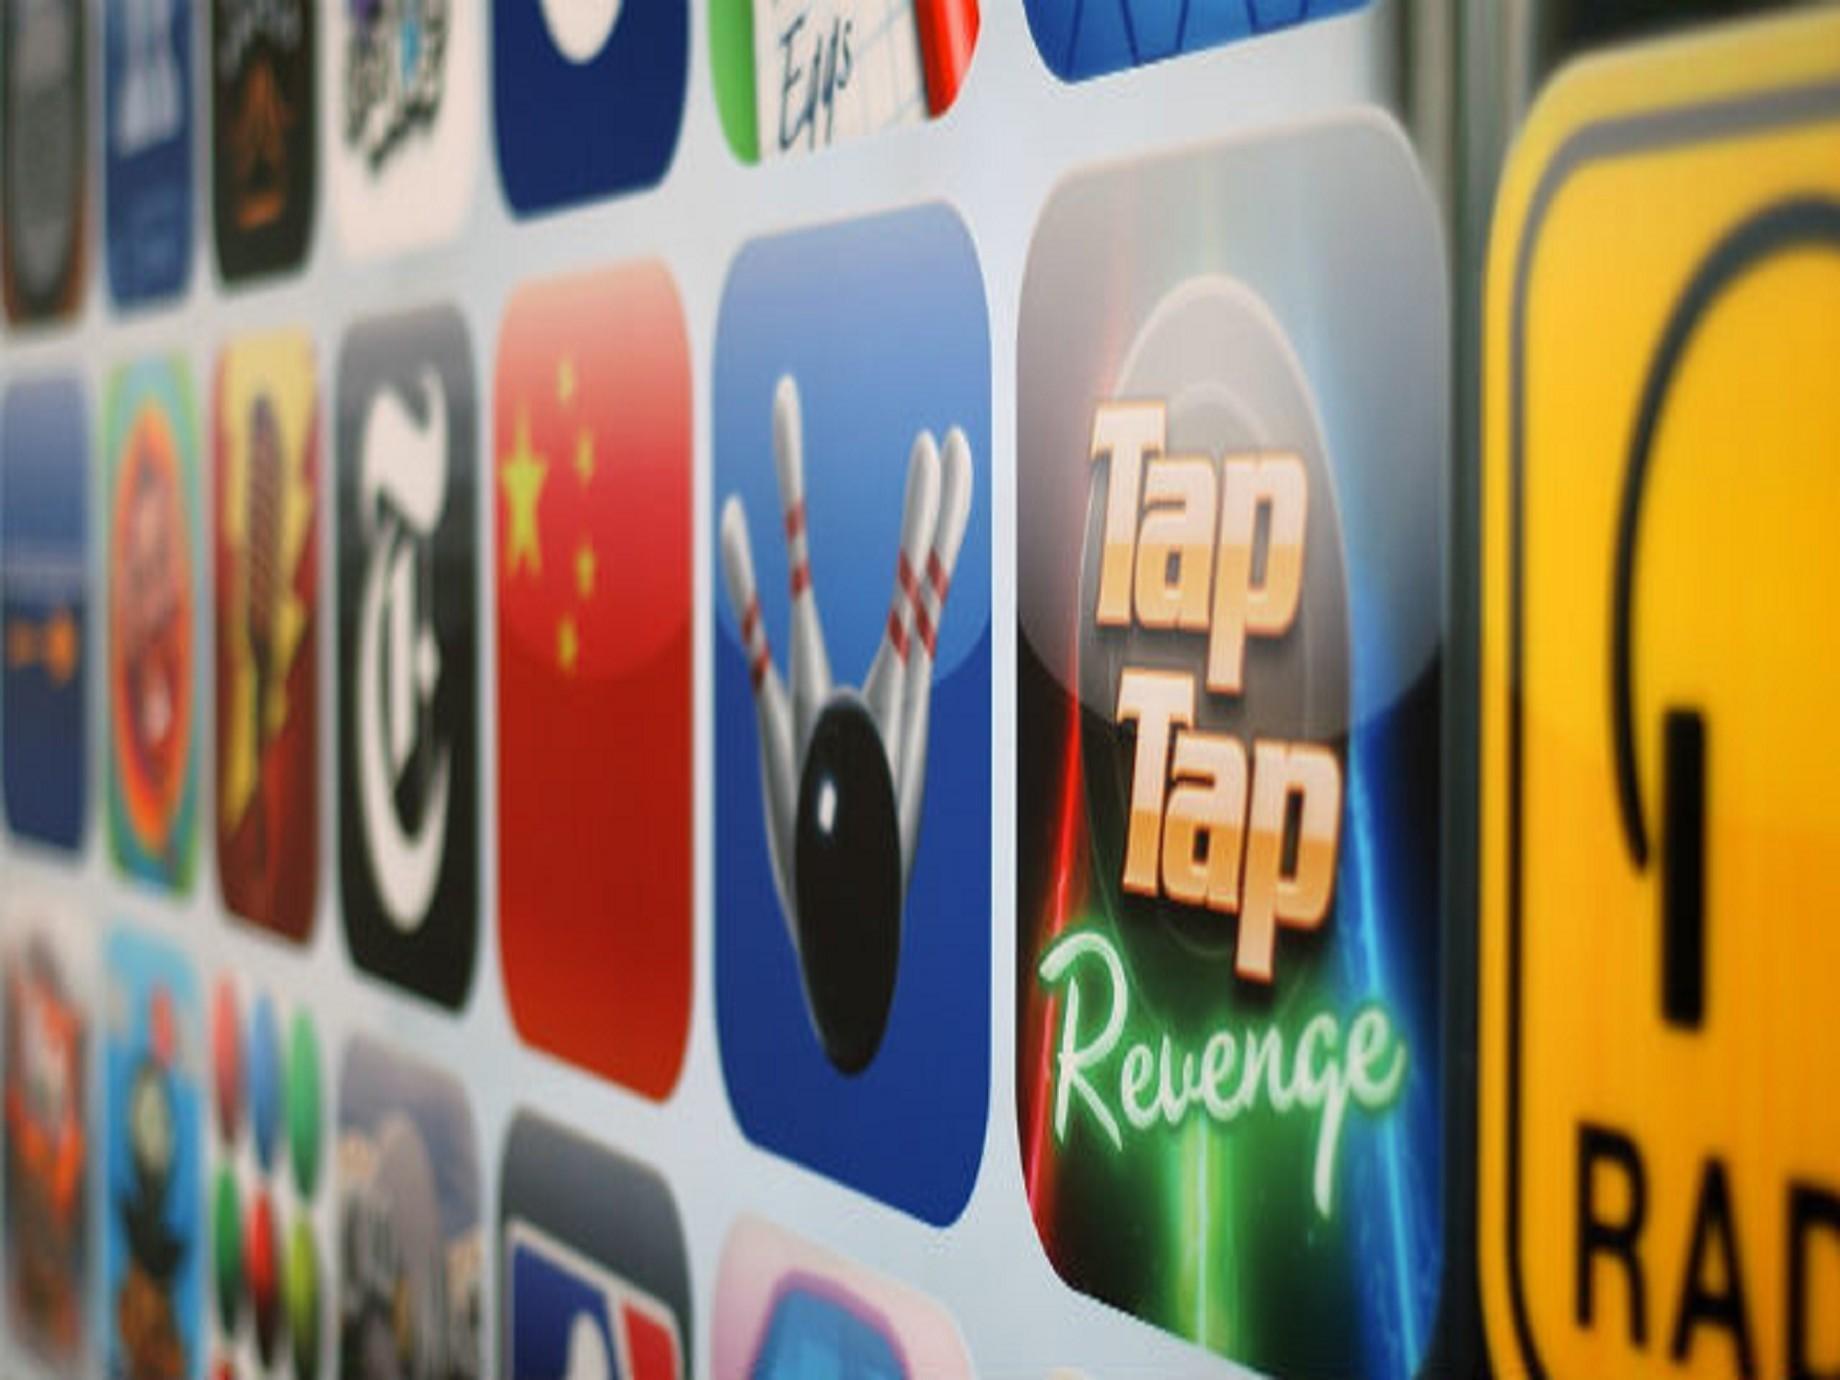 印尼現場:印尼用戶使用手機App的調查